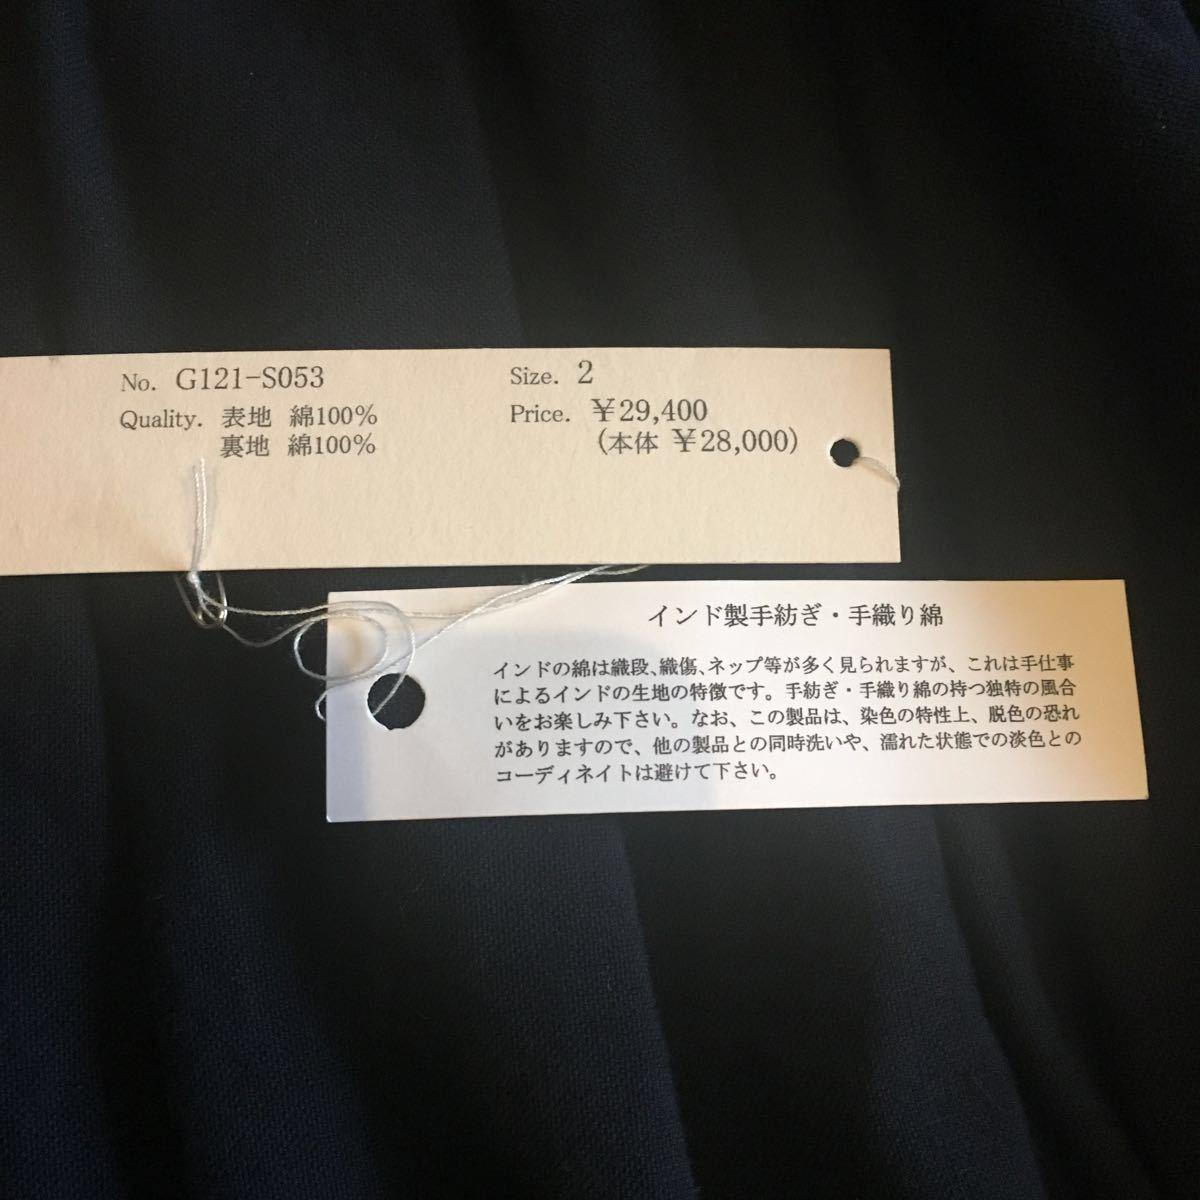 ☆ゴーシュ カディコットン ギャザースカート ネイビー リンネル ナチュリラ_画像5